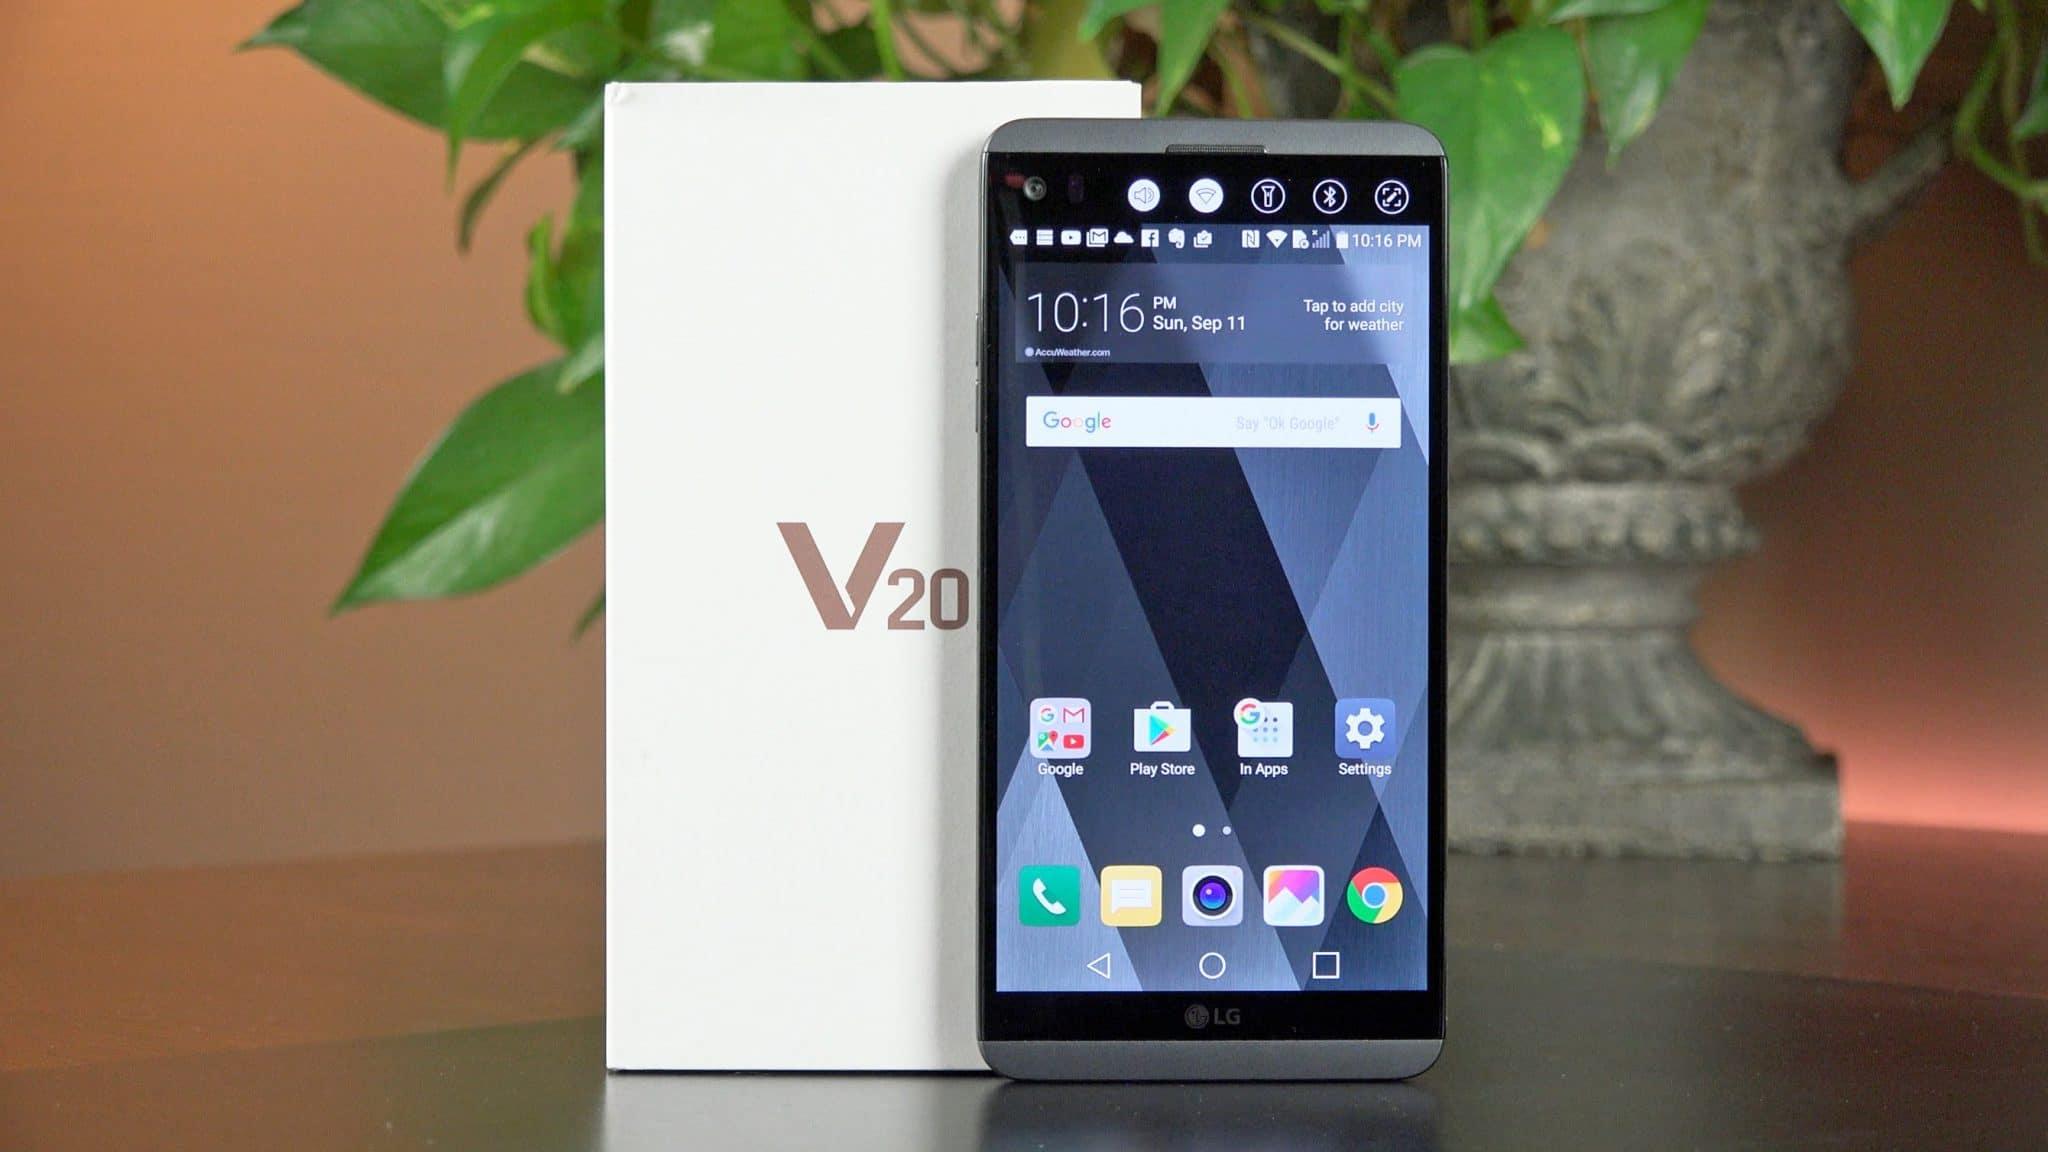 lg v20 review,lg v20 price,LG V20